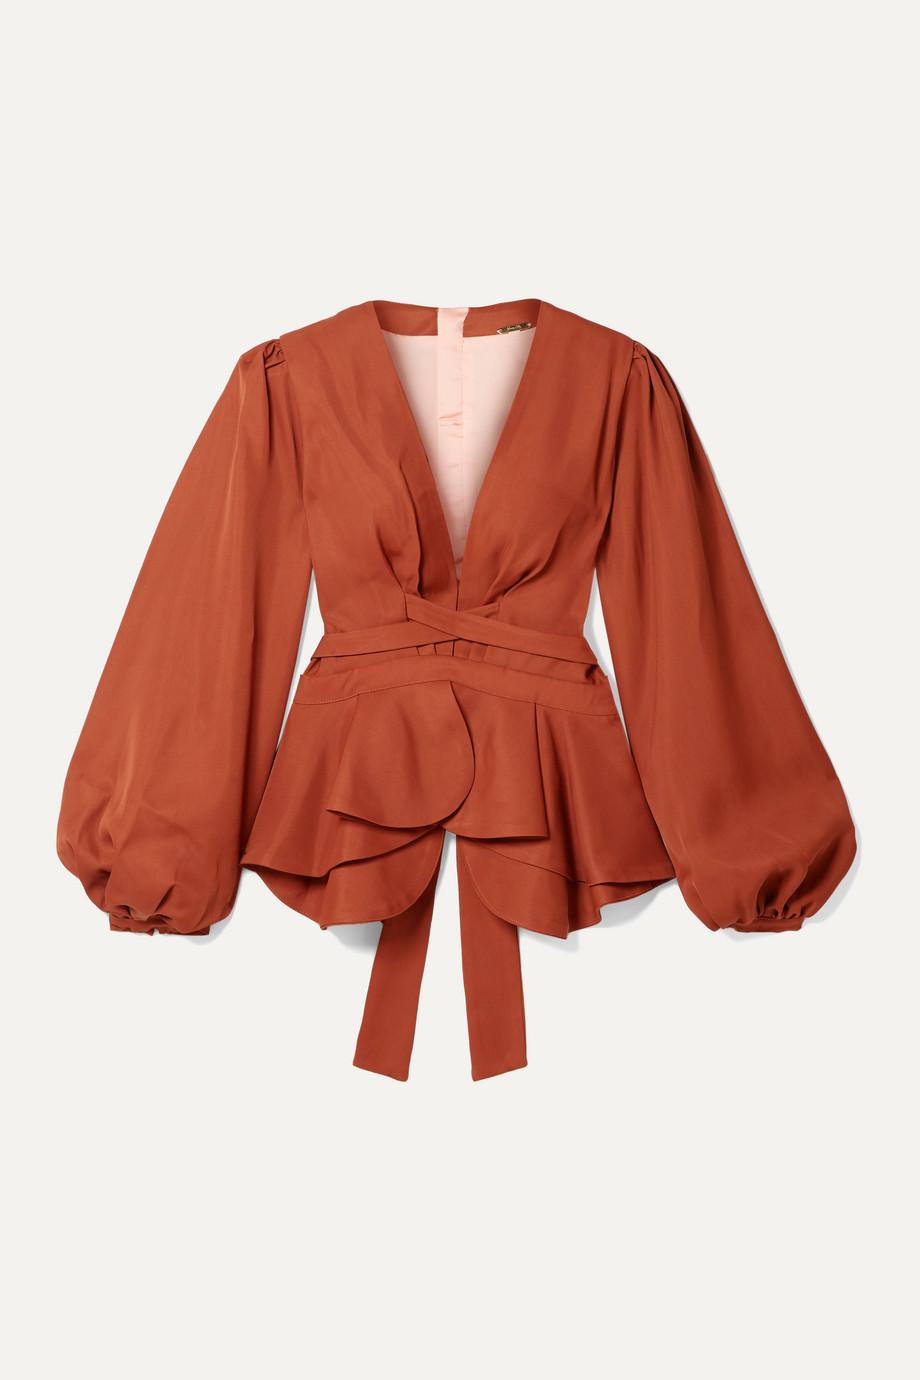 Johanna Ortiz Coral de Nuqui twill peplum blouse